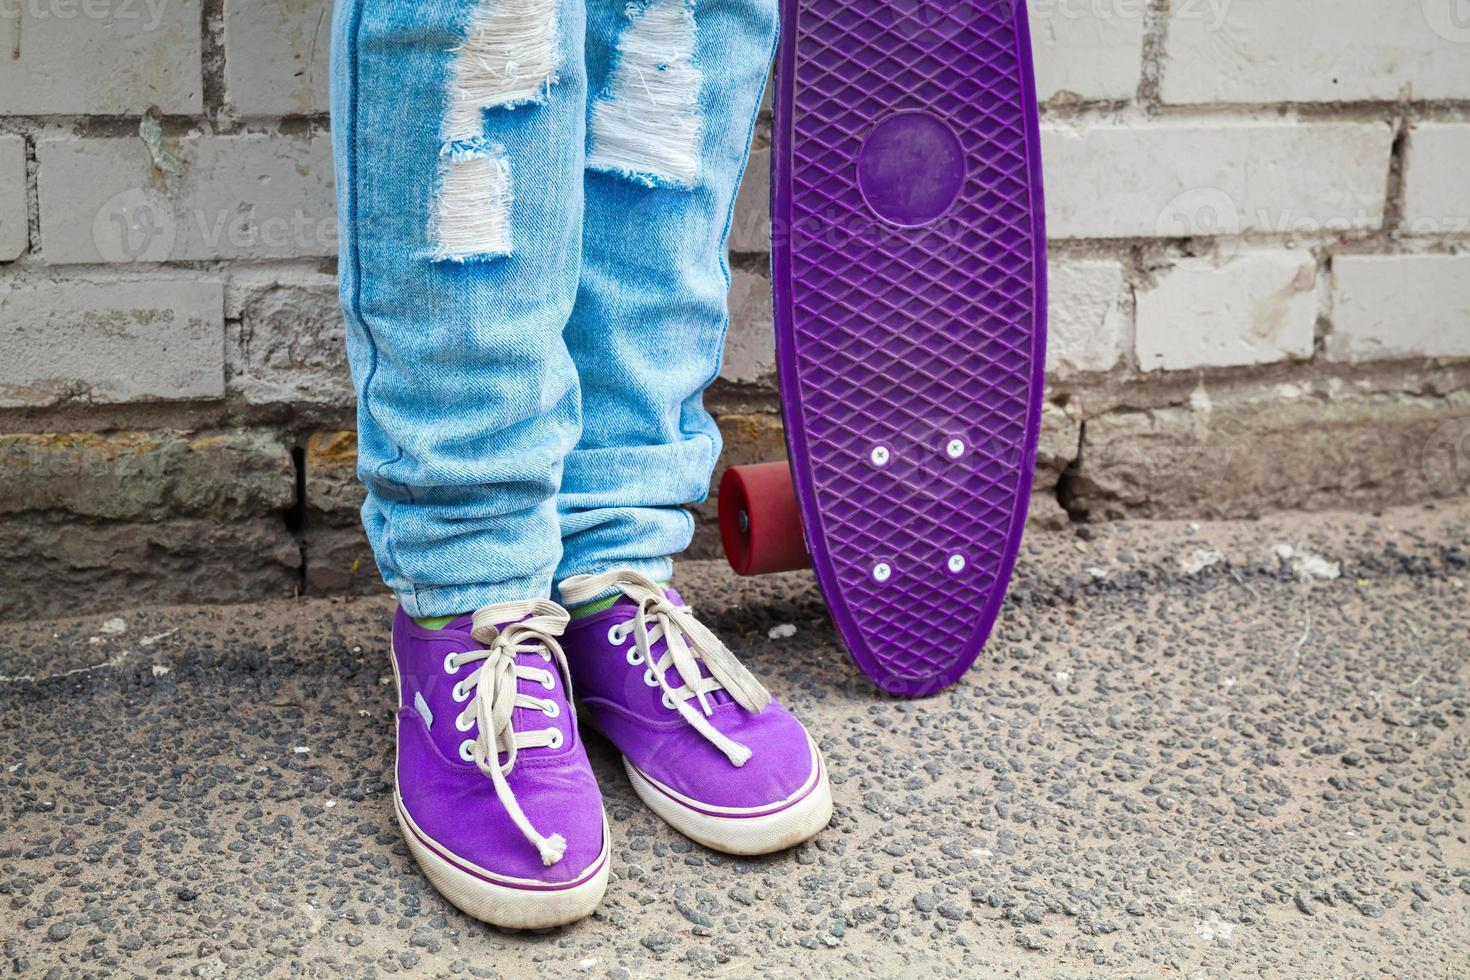 tiener in spijkerbroek staat met skateboard foto